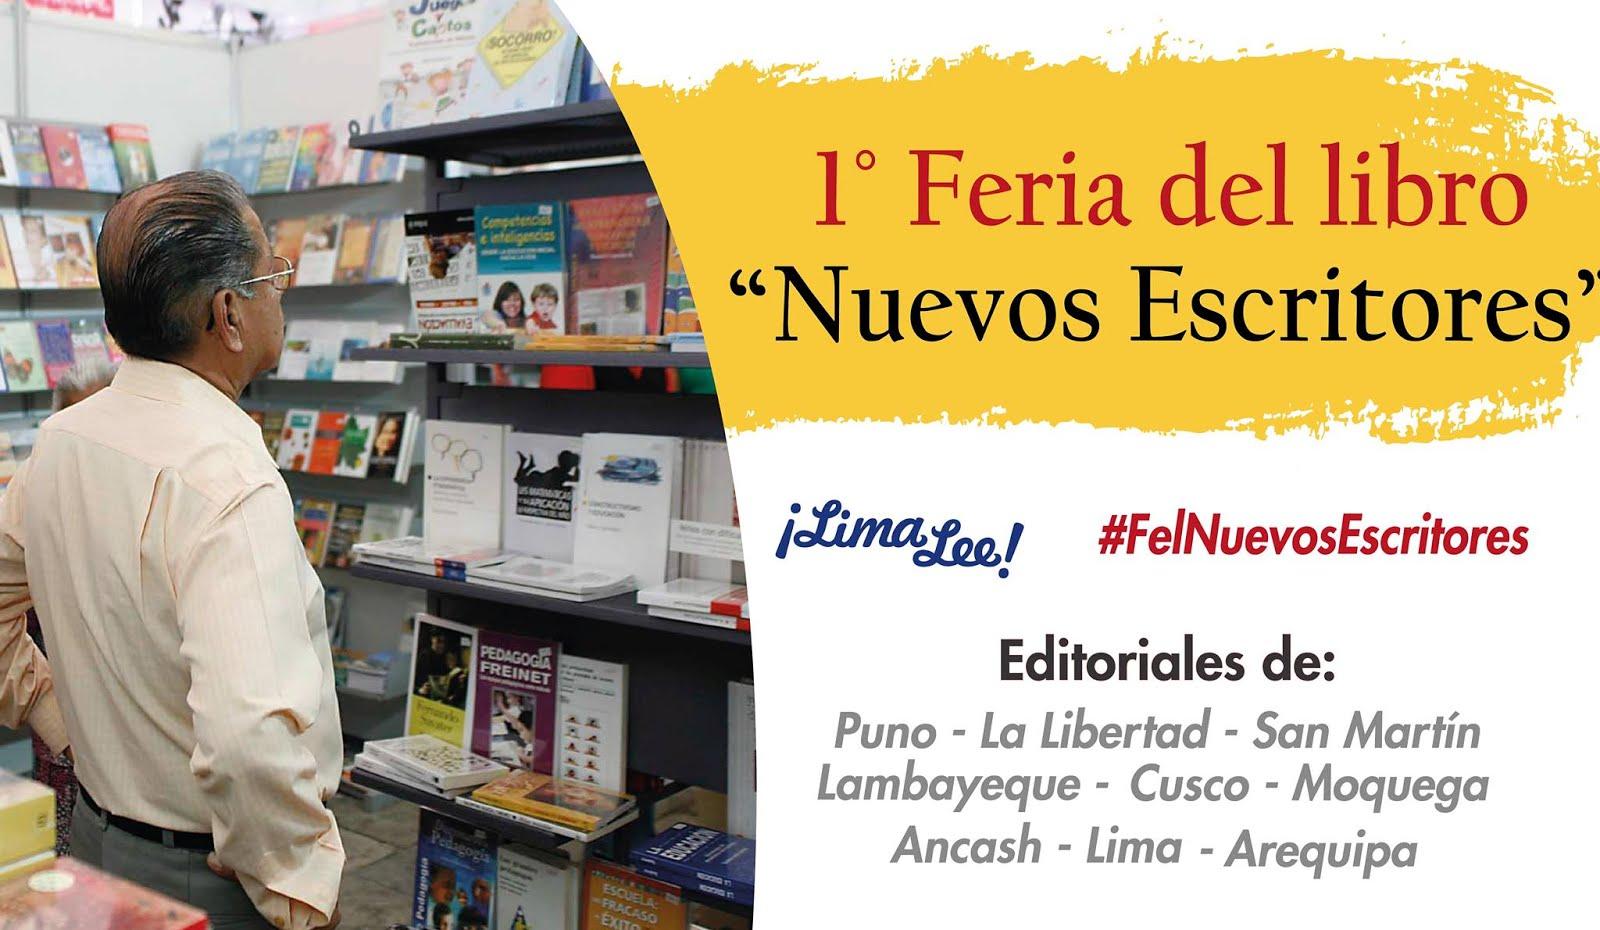 """En 1ra Feria de libro """"Nuevos Escritores"""" (8 al 14 de julio 2017)"""